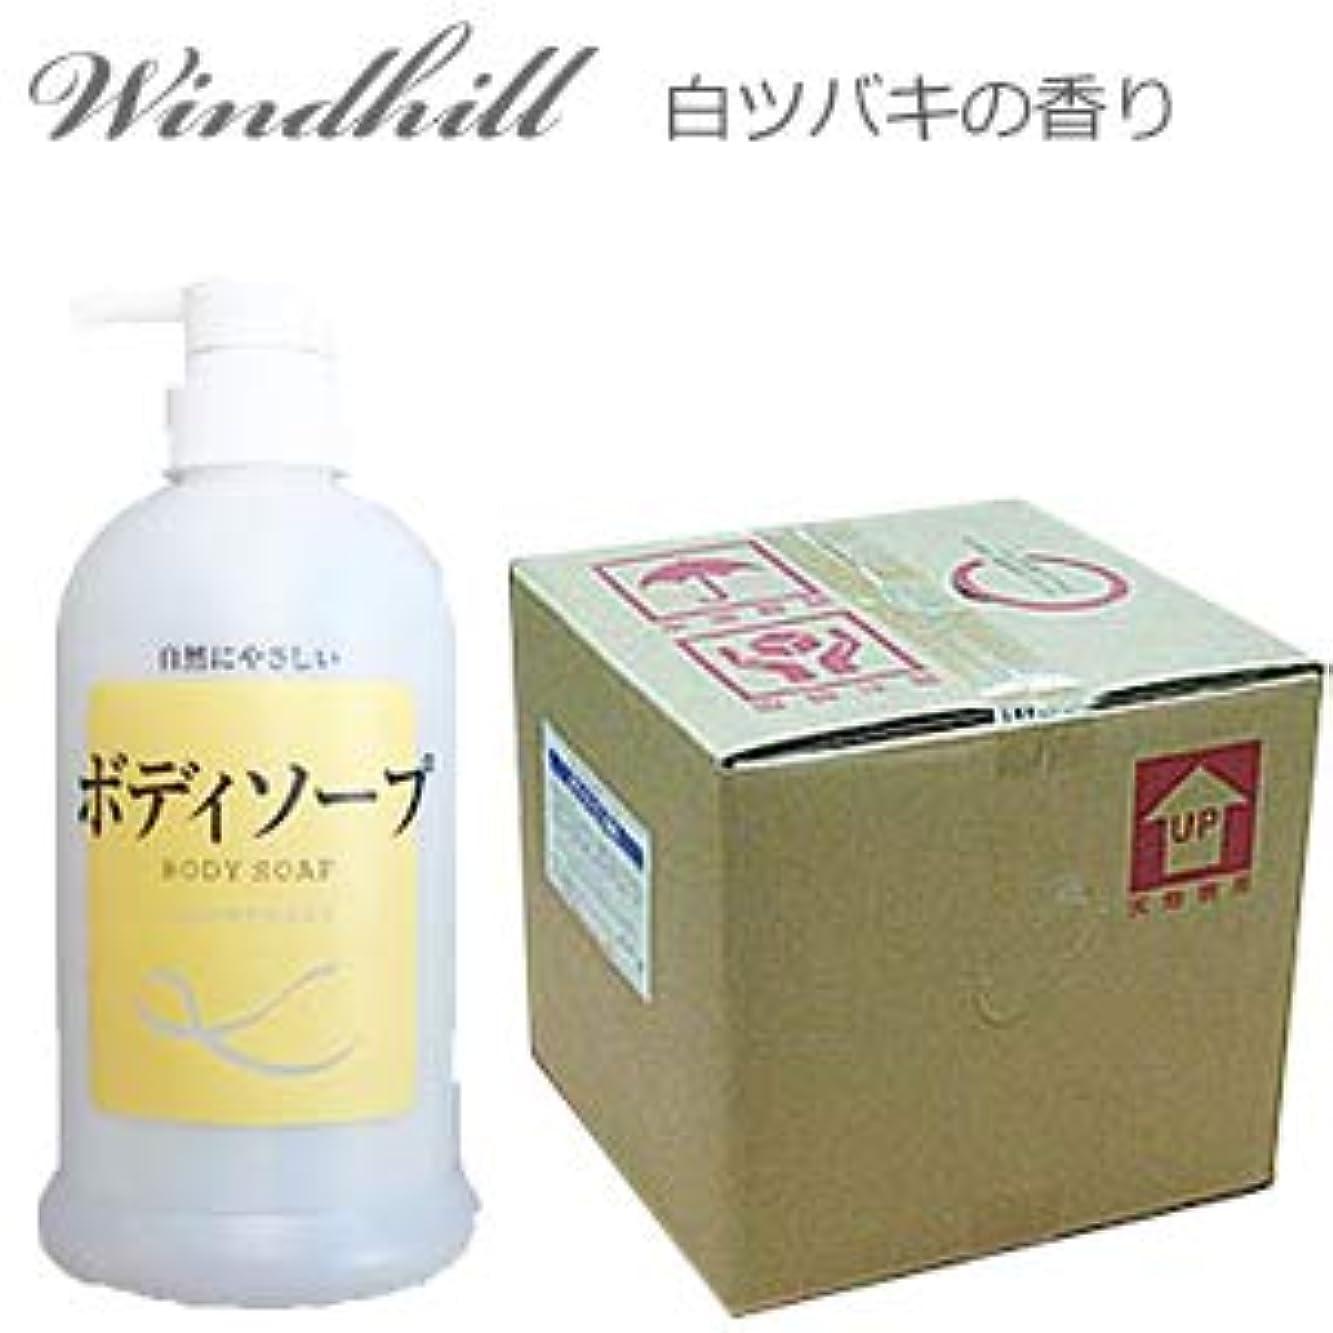 なんと! 500ml当り175円 Windhill 植物性 業務用 ボディソープ  白ツバキの香り 20L